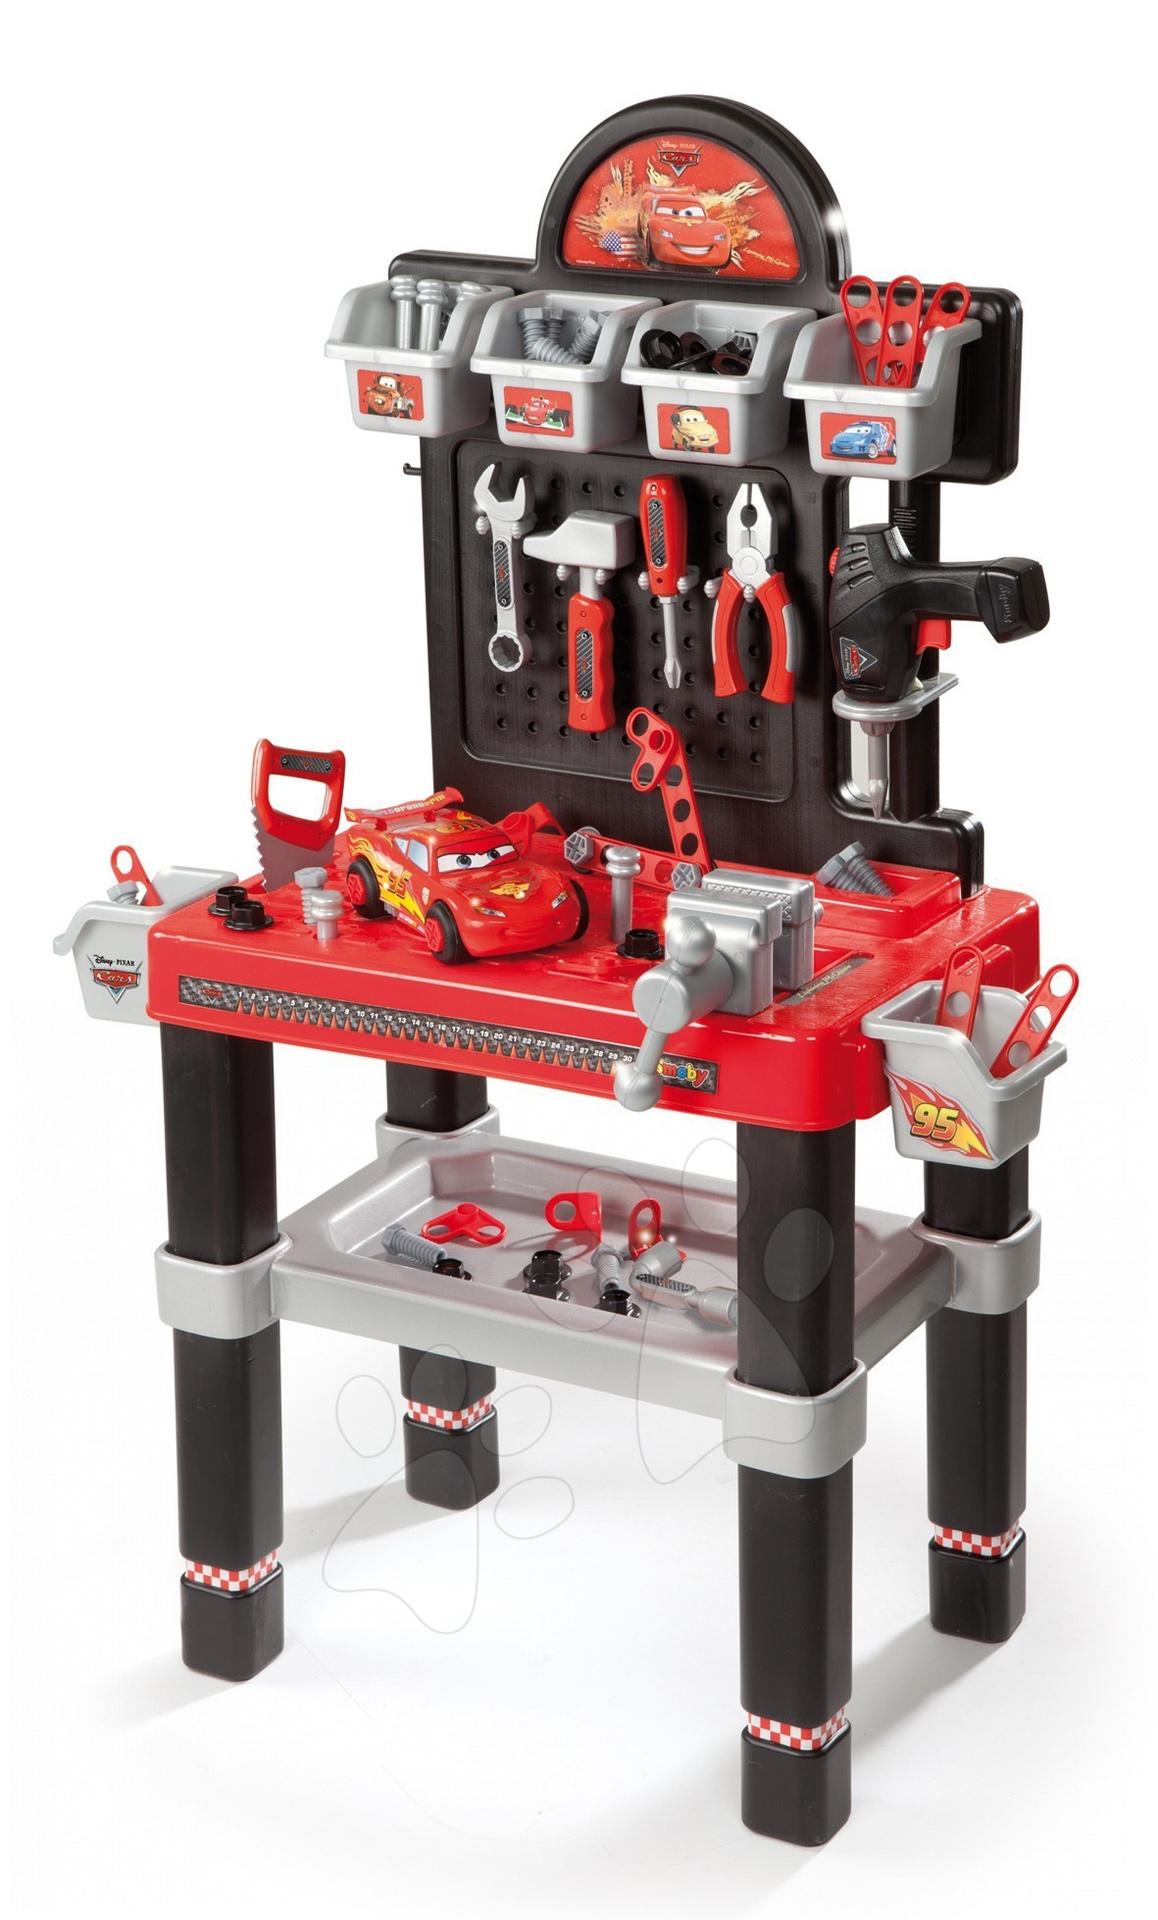 Pracovní stůl Cars Smoby s mechanickou vrtačkou, autem a 80 doplňky